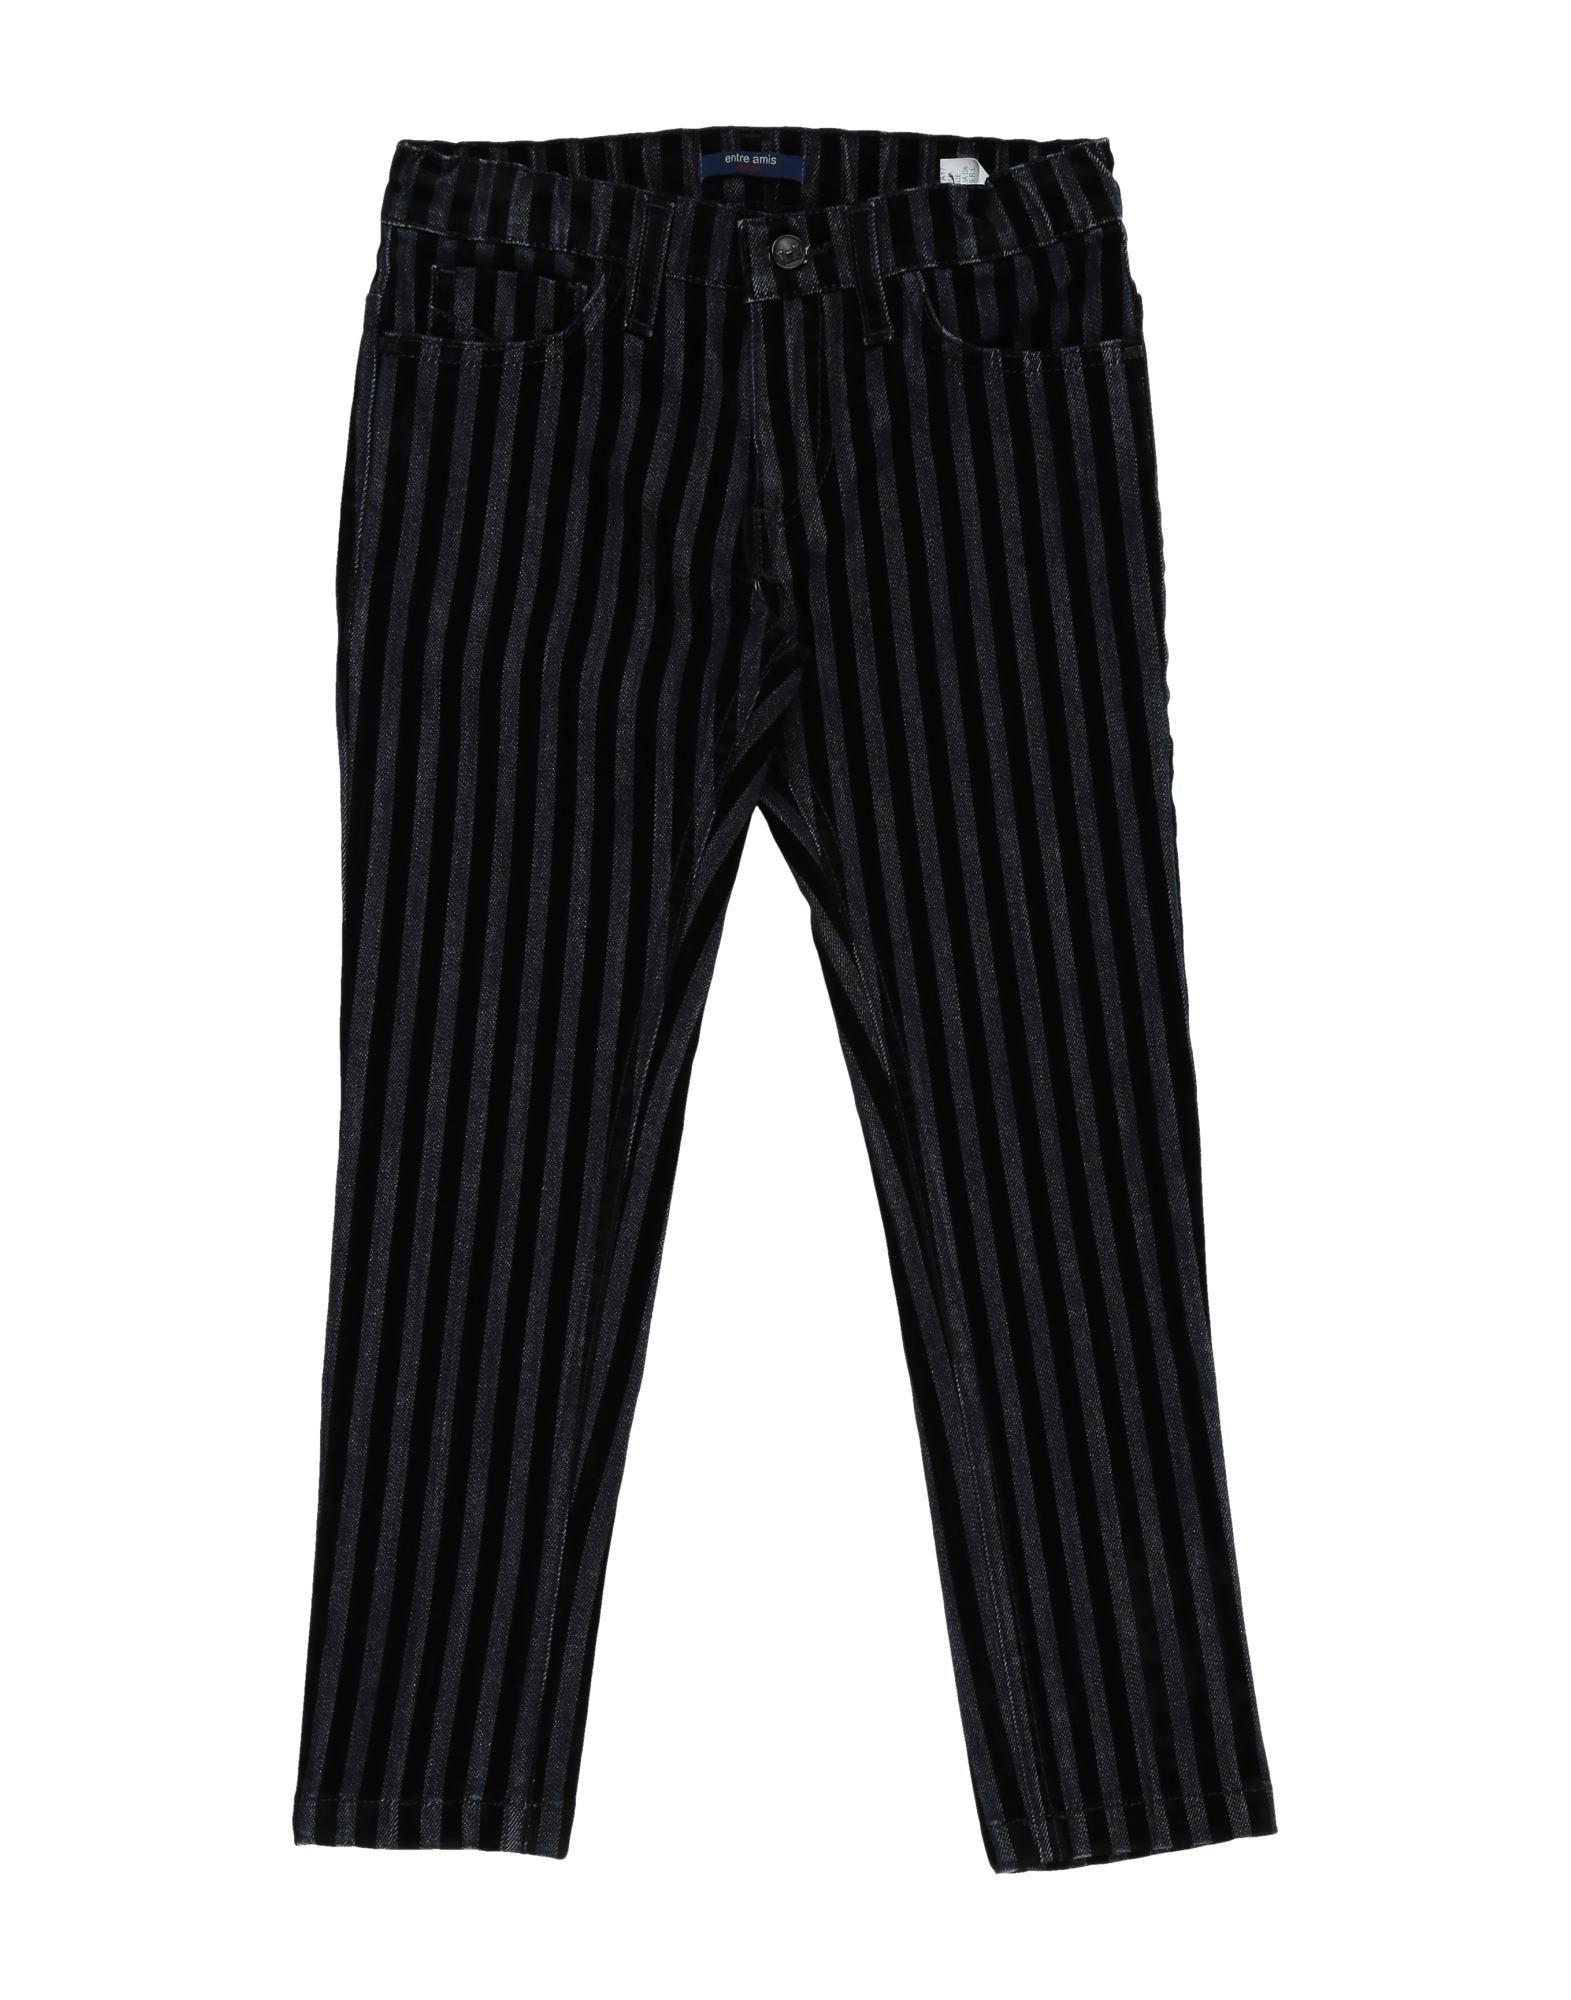 Entre Amis Garçon Kids' Jeans In Black